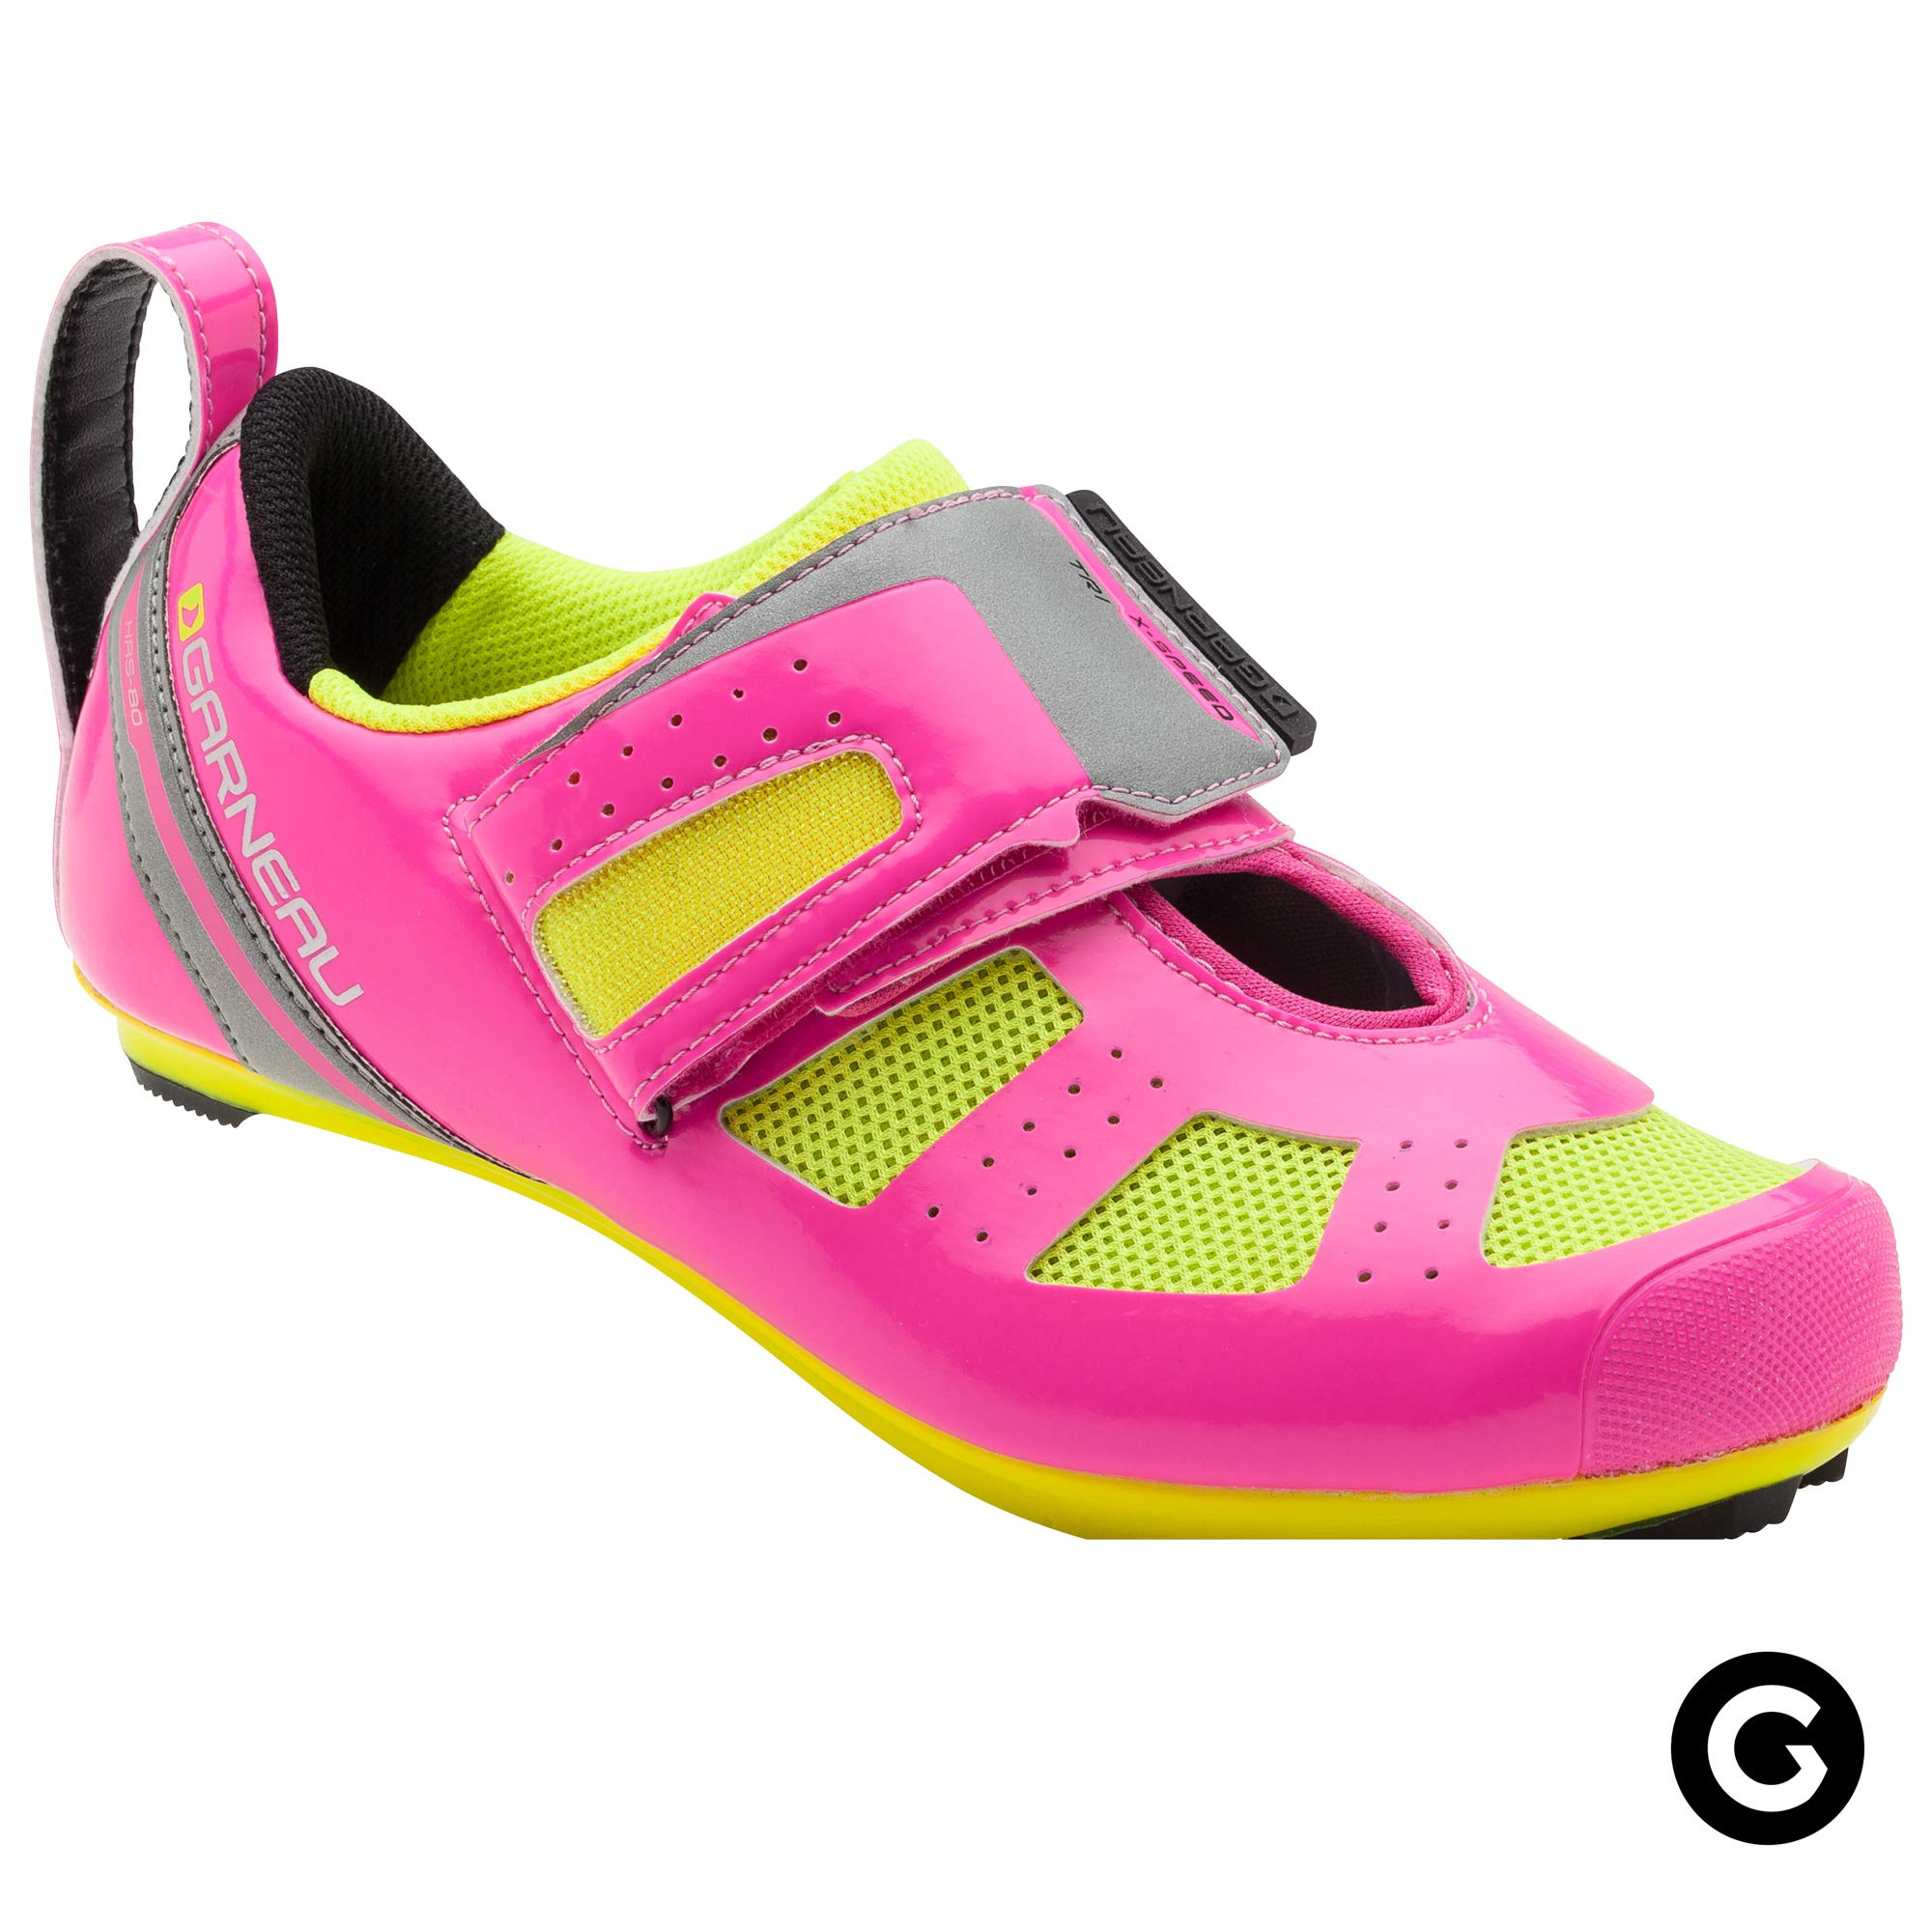 Louis Garneau X Speed Triathlon Compatible